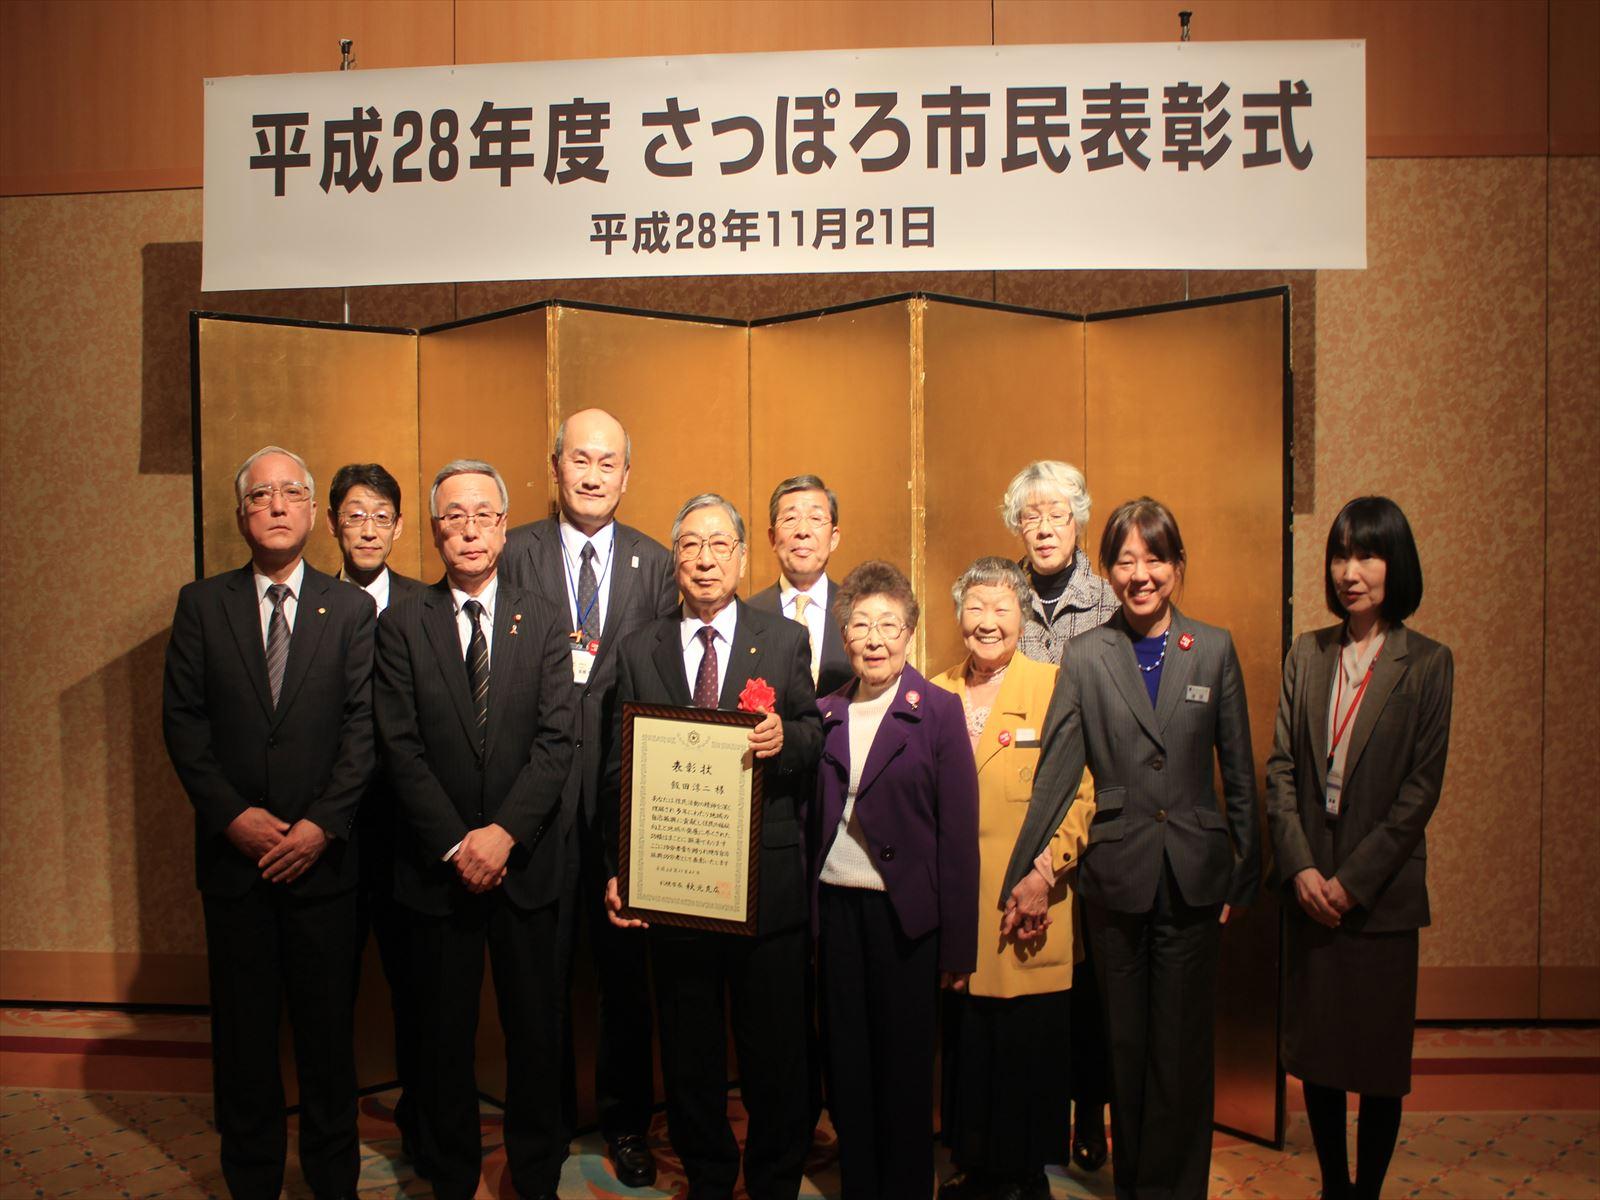 札幌市自治振興功労者の表彰を受けた飯田さん(中央)と祝福する皆さん